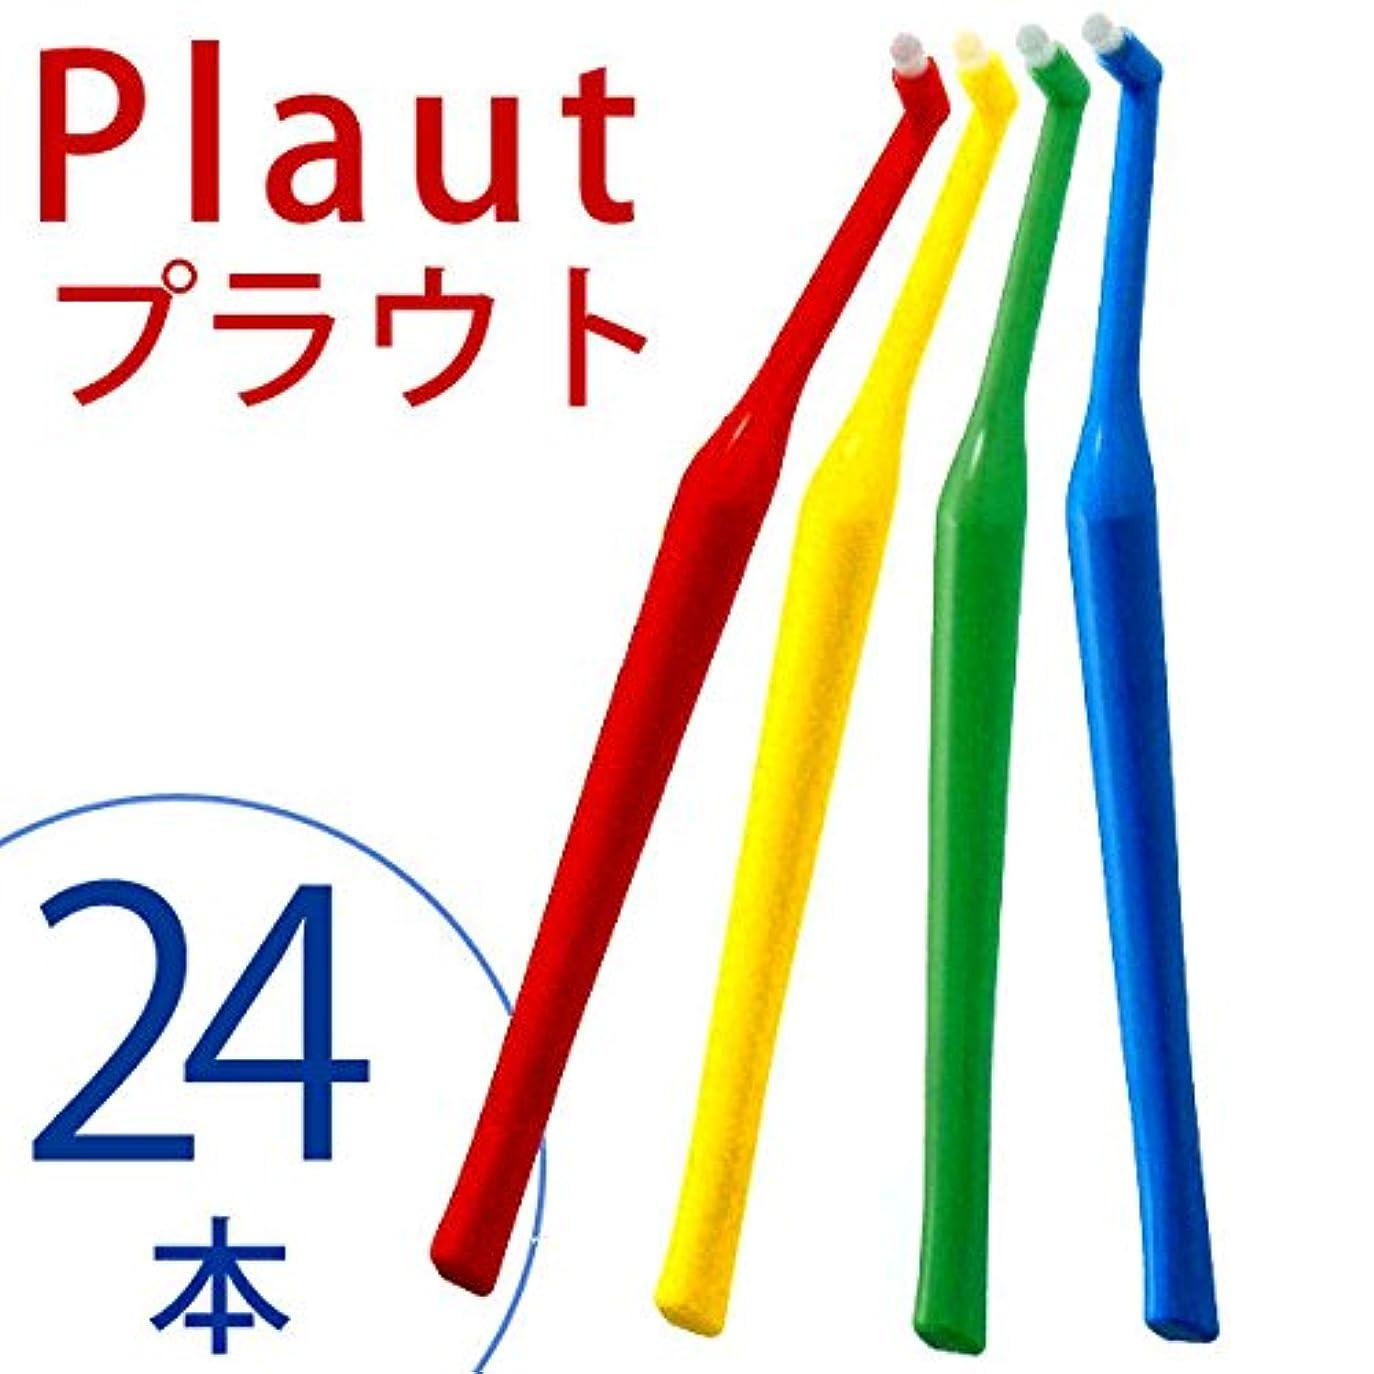 プラウト 【新ワンタフト】【歯ブラシ タフト】 オーラルケア プラウト スタンダード 24本セット S(ソフト) ブルー